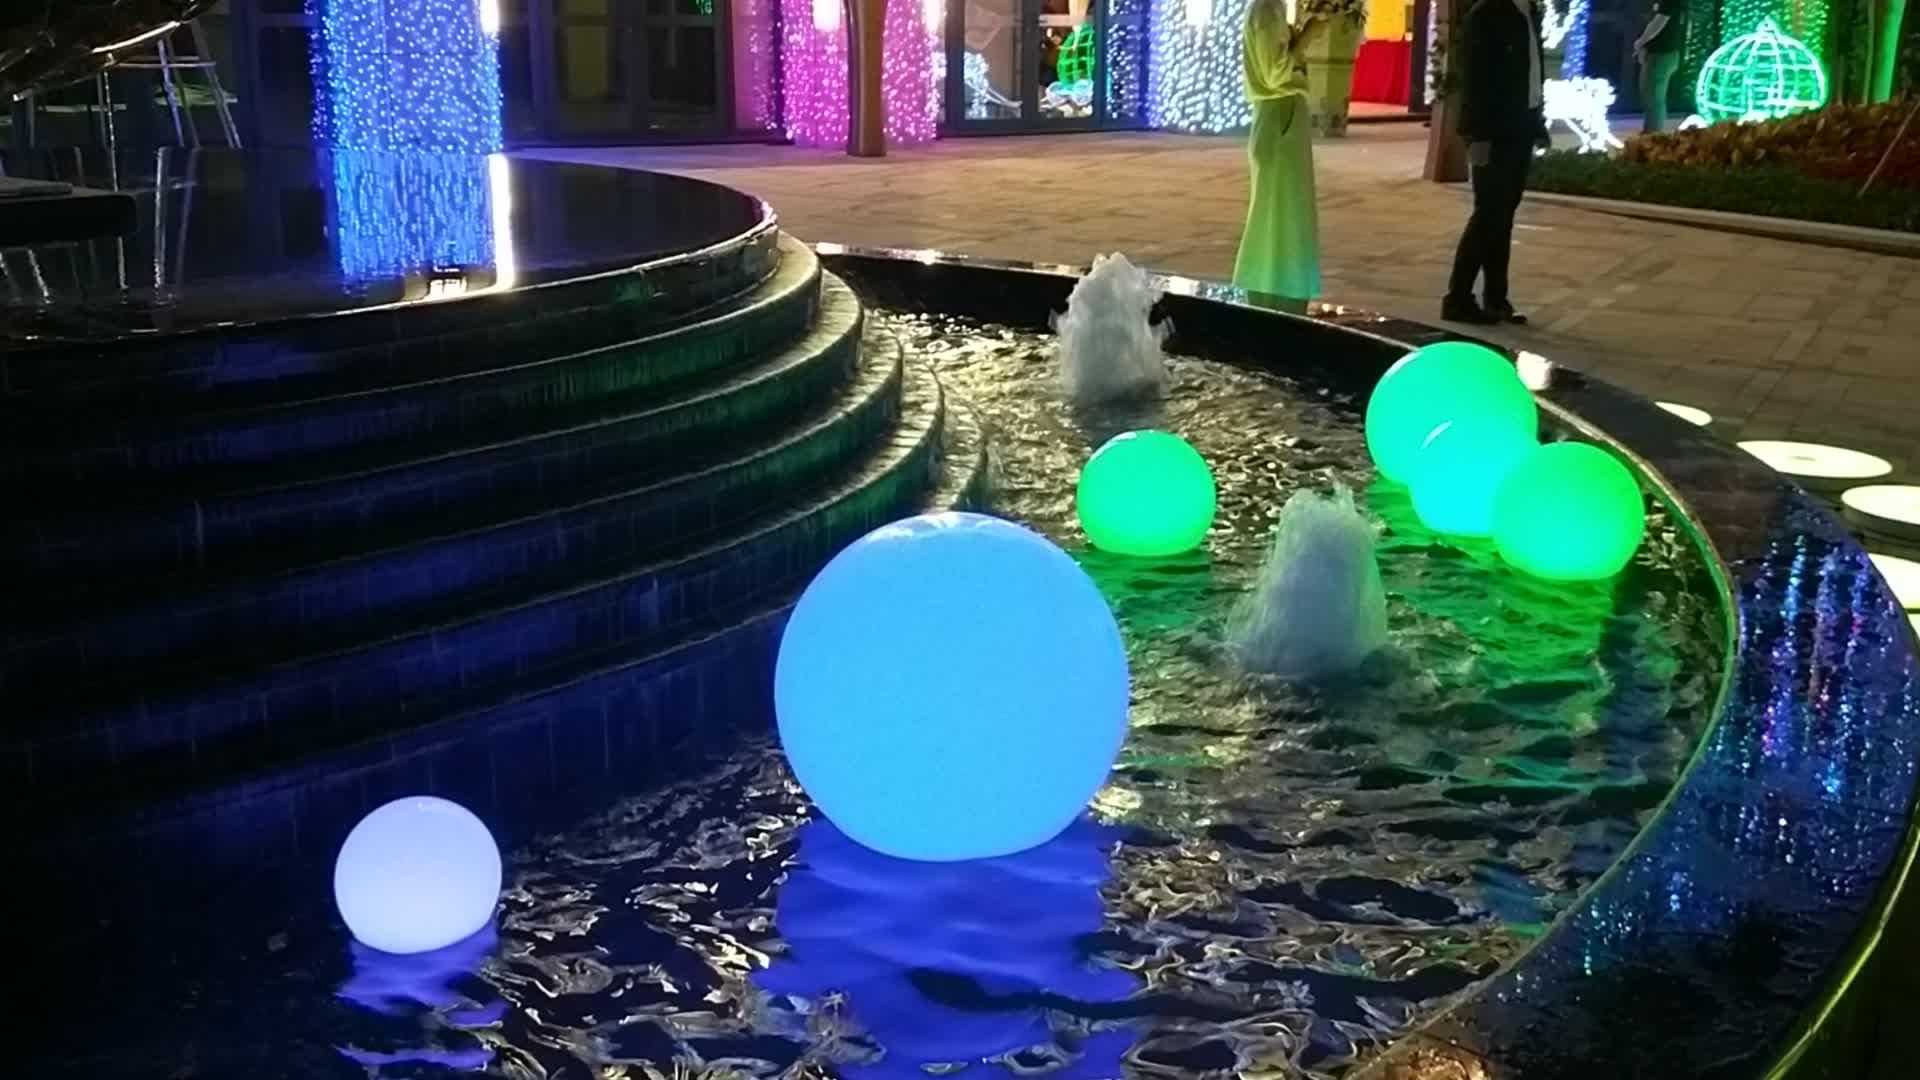 16 สีเปลี่ยนกันน้ำกลางแจ้งพลาสติกเรืองแสง LED ลอยสระว่ายน้ำลูกโลก/LED glow สระว่ายน้ำ ball สำหรับคริสต์มาส